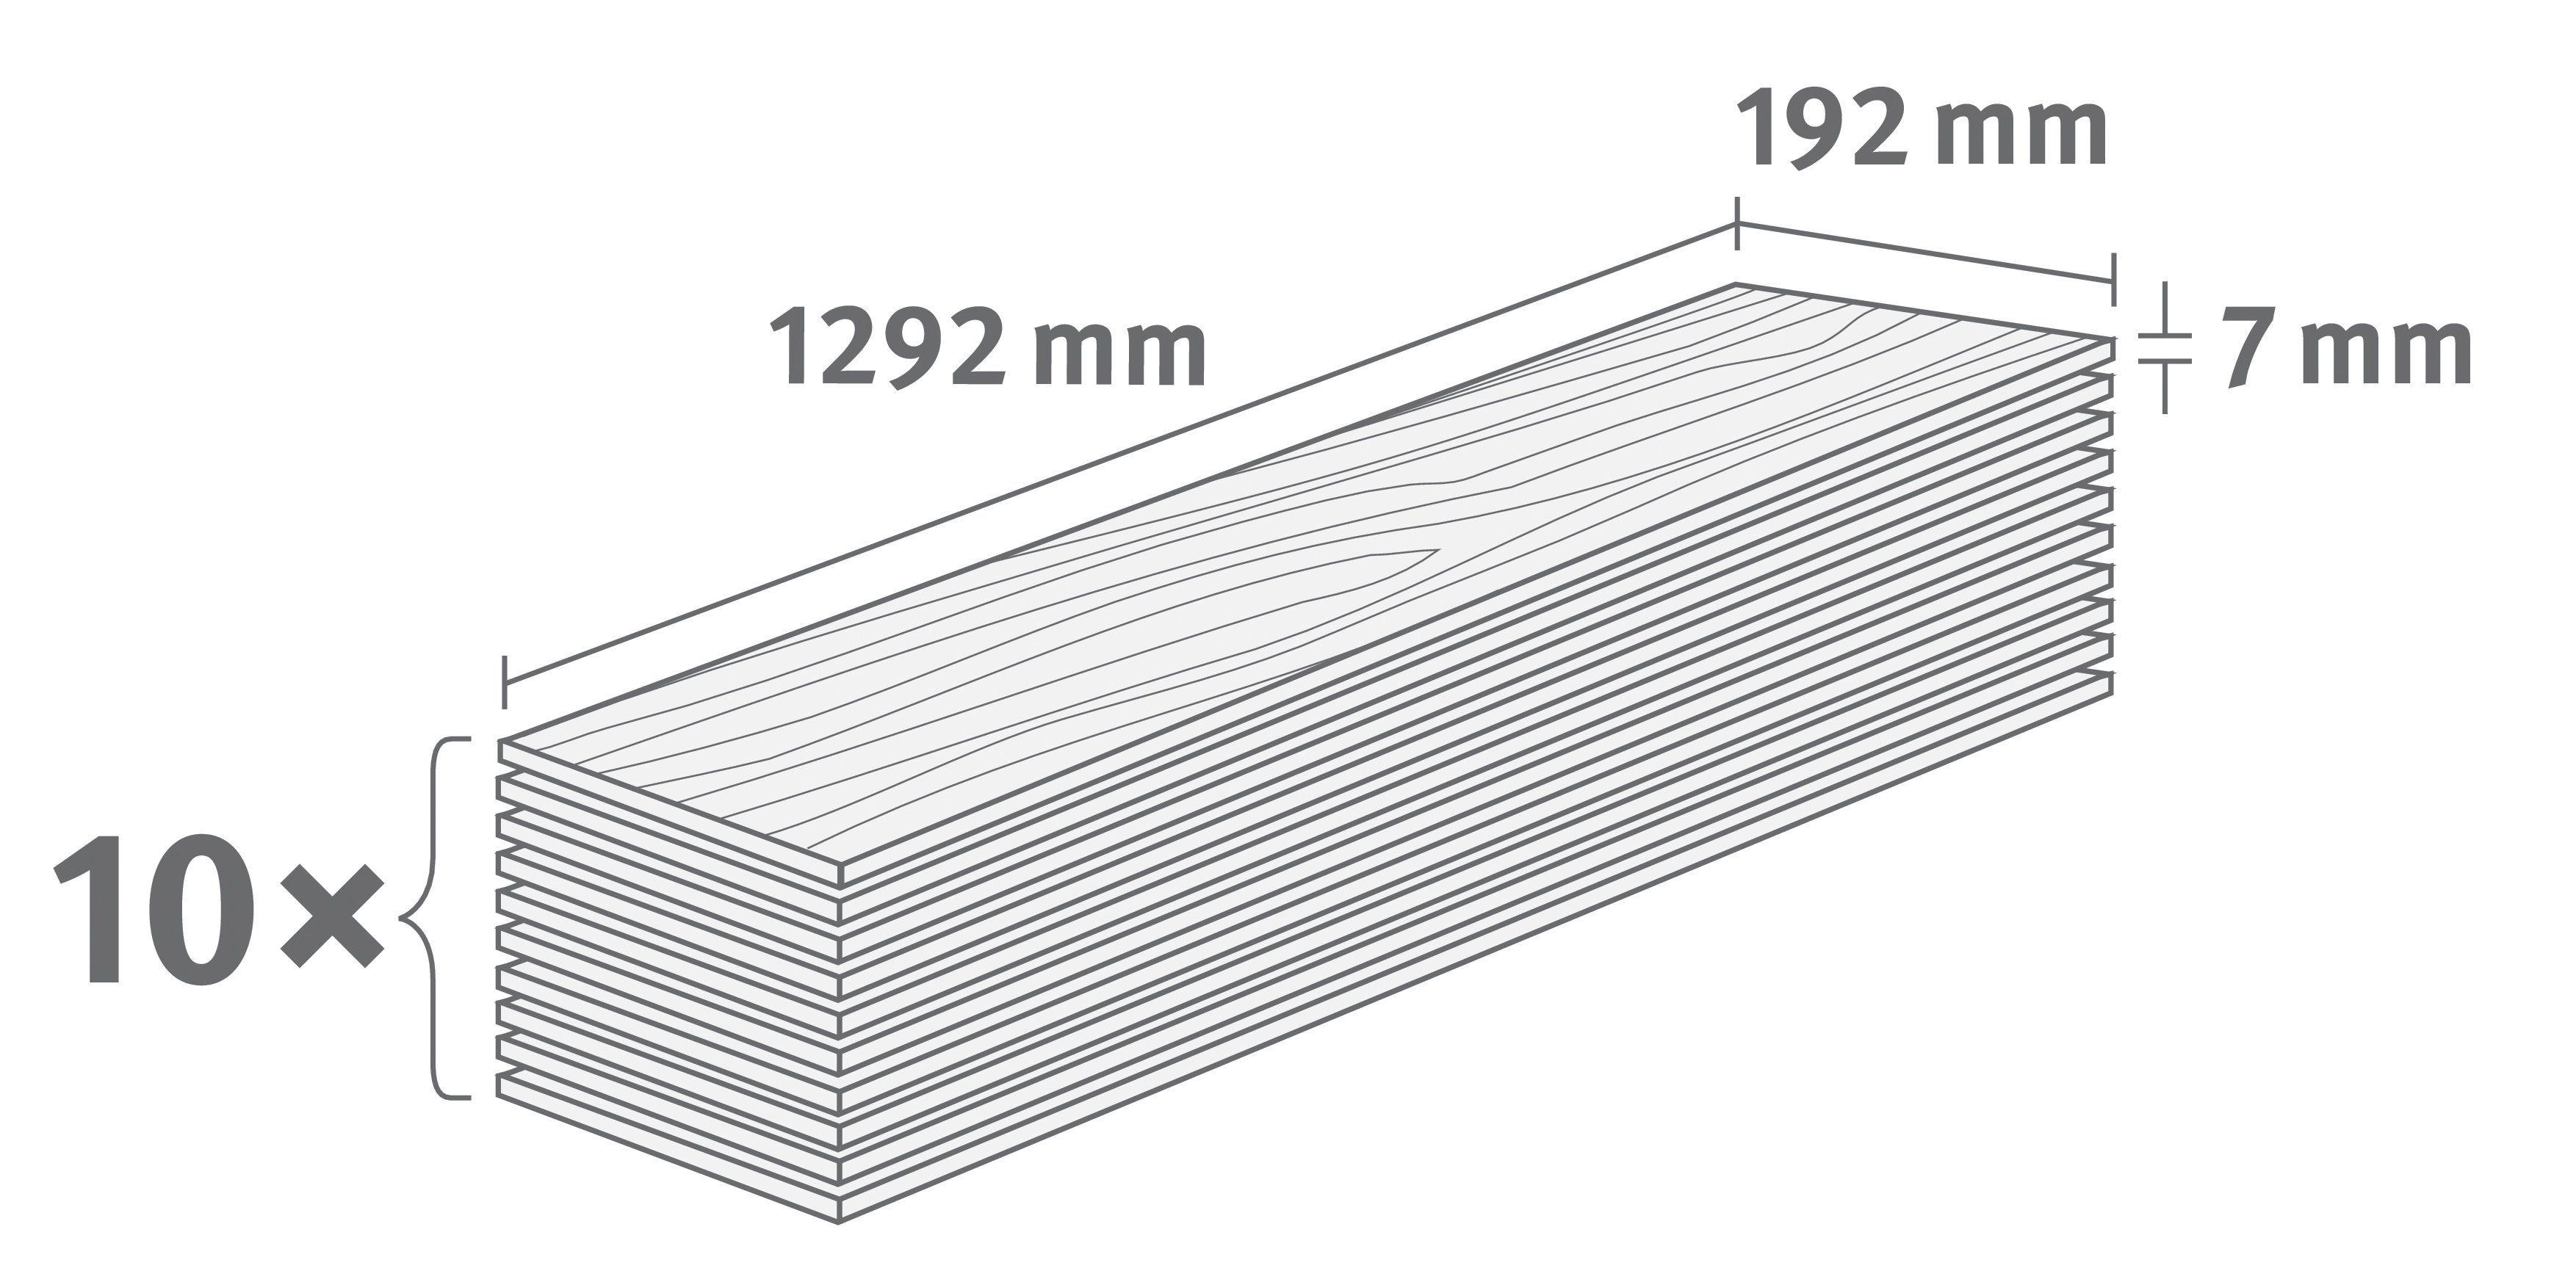 EGGER Laminat »EGGER HOME Garrison Eiche natur«, 1292 x 192 mm, Stärke: 7 mm